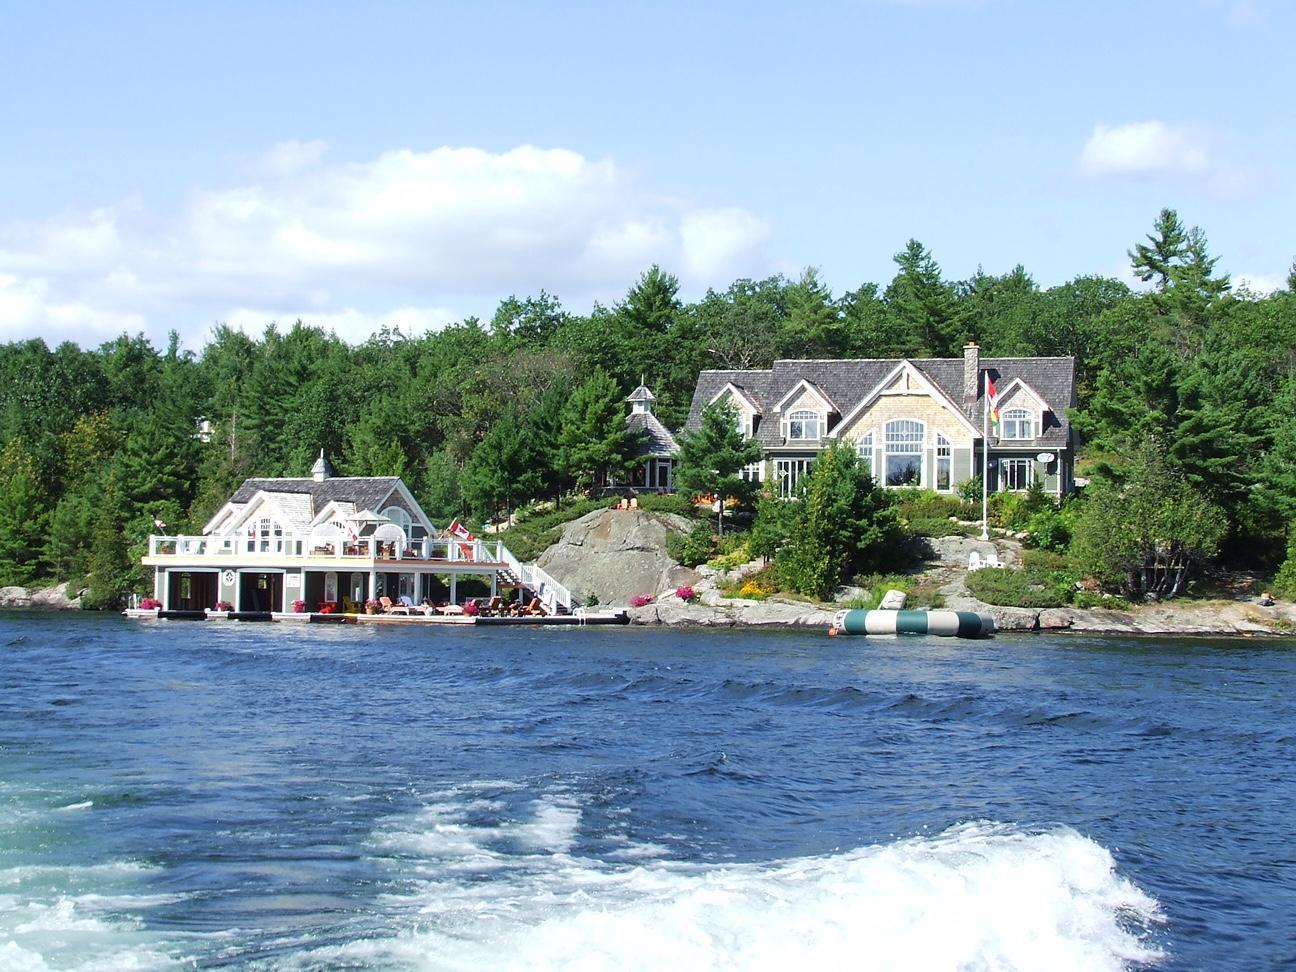 Fall Cape Cod Wallpaper Lake Joe Wonderland Jayne S Cottages Luxury Muskoka